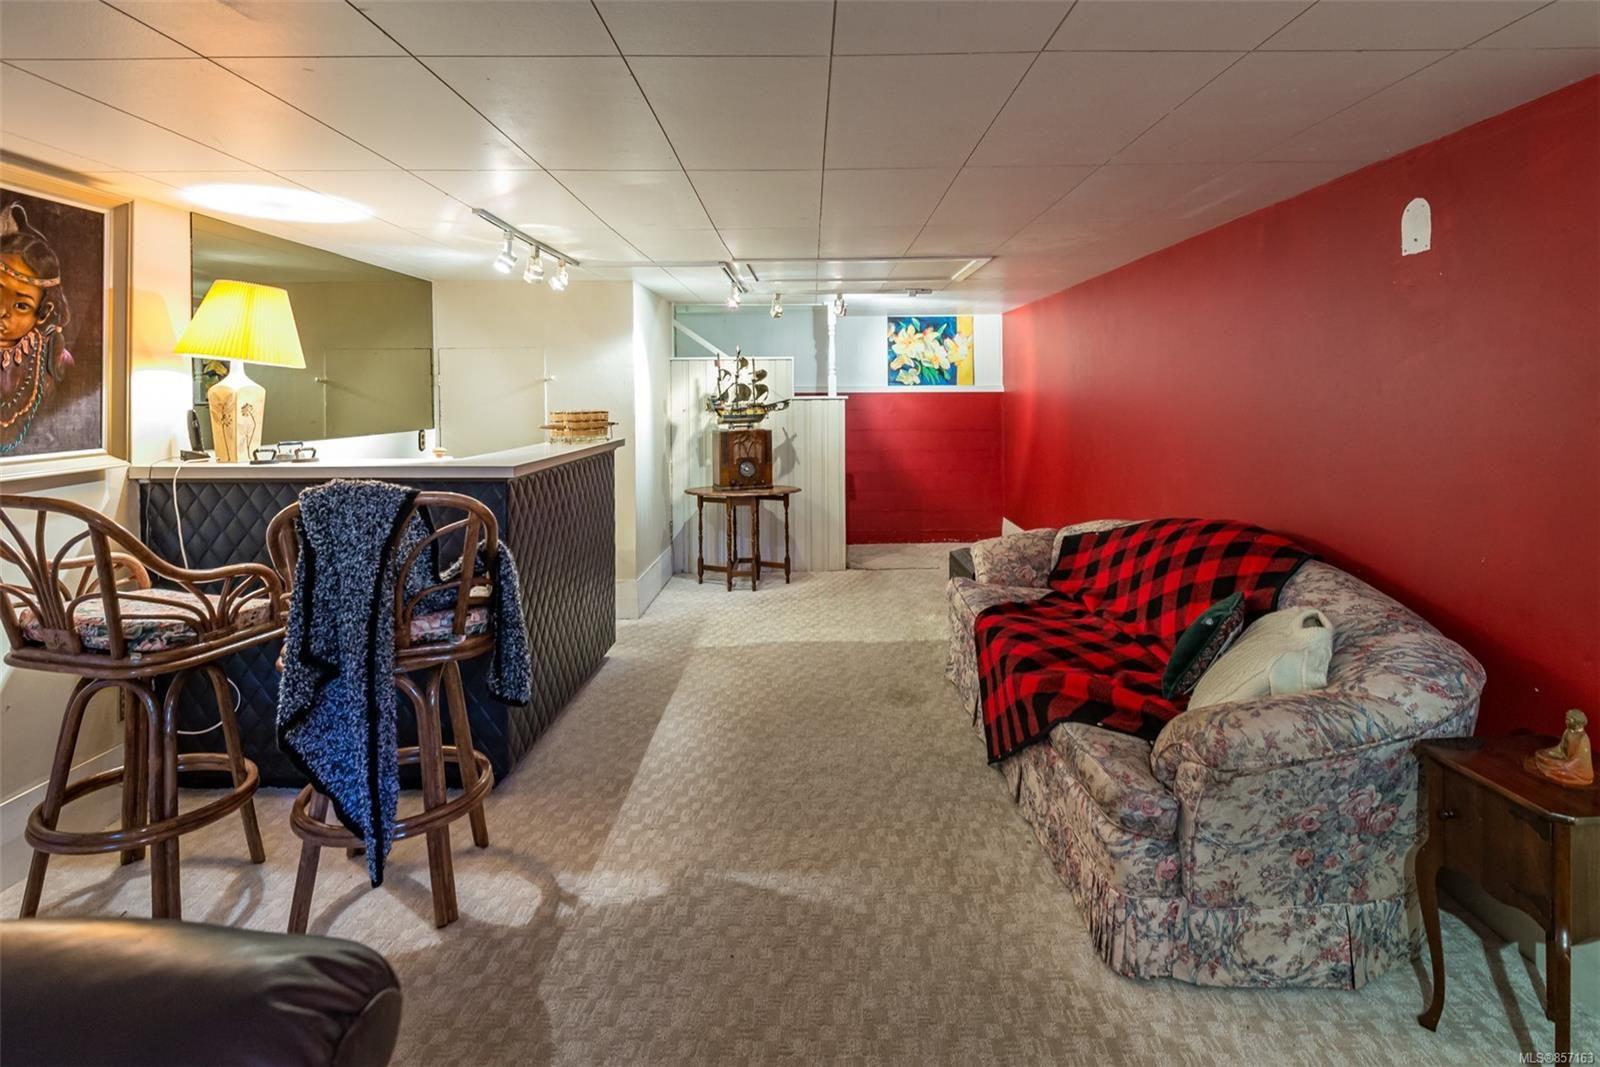 Photo 48: Photos: 4241 Buddington Rd in : CV Courtenay South House for sale (Comox Valley)  : MLS®# 857163